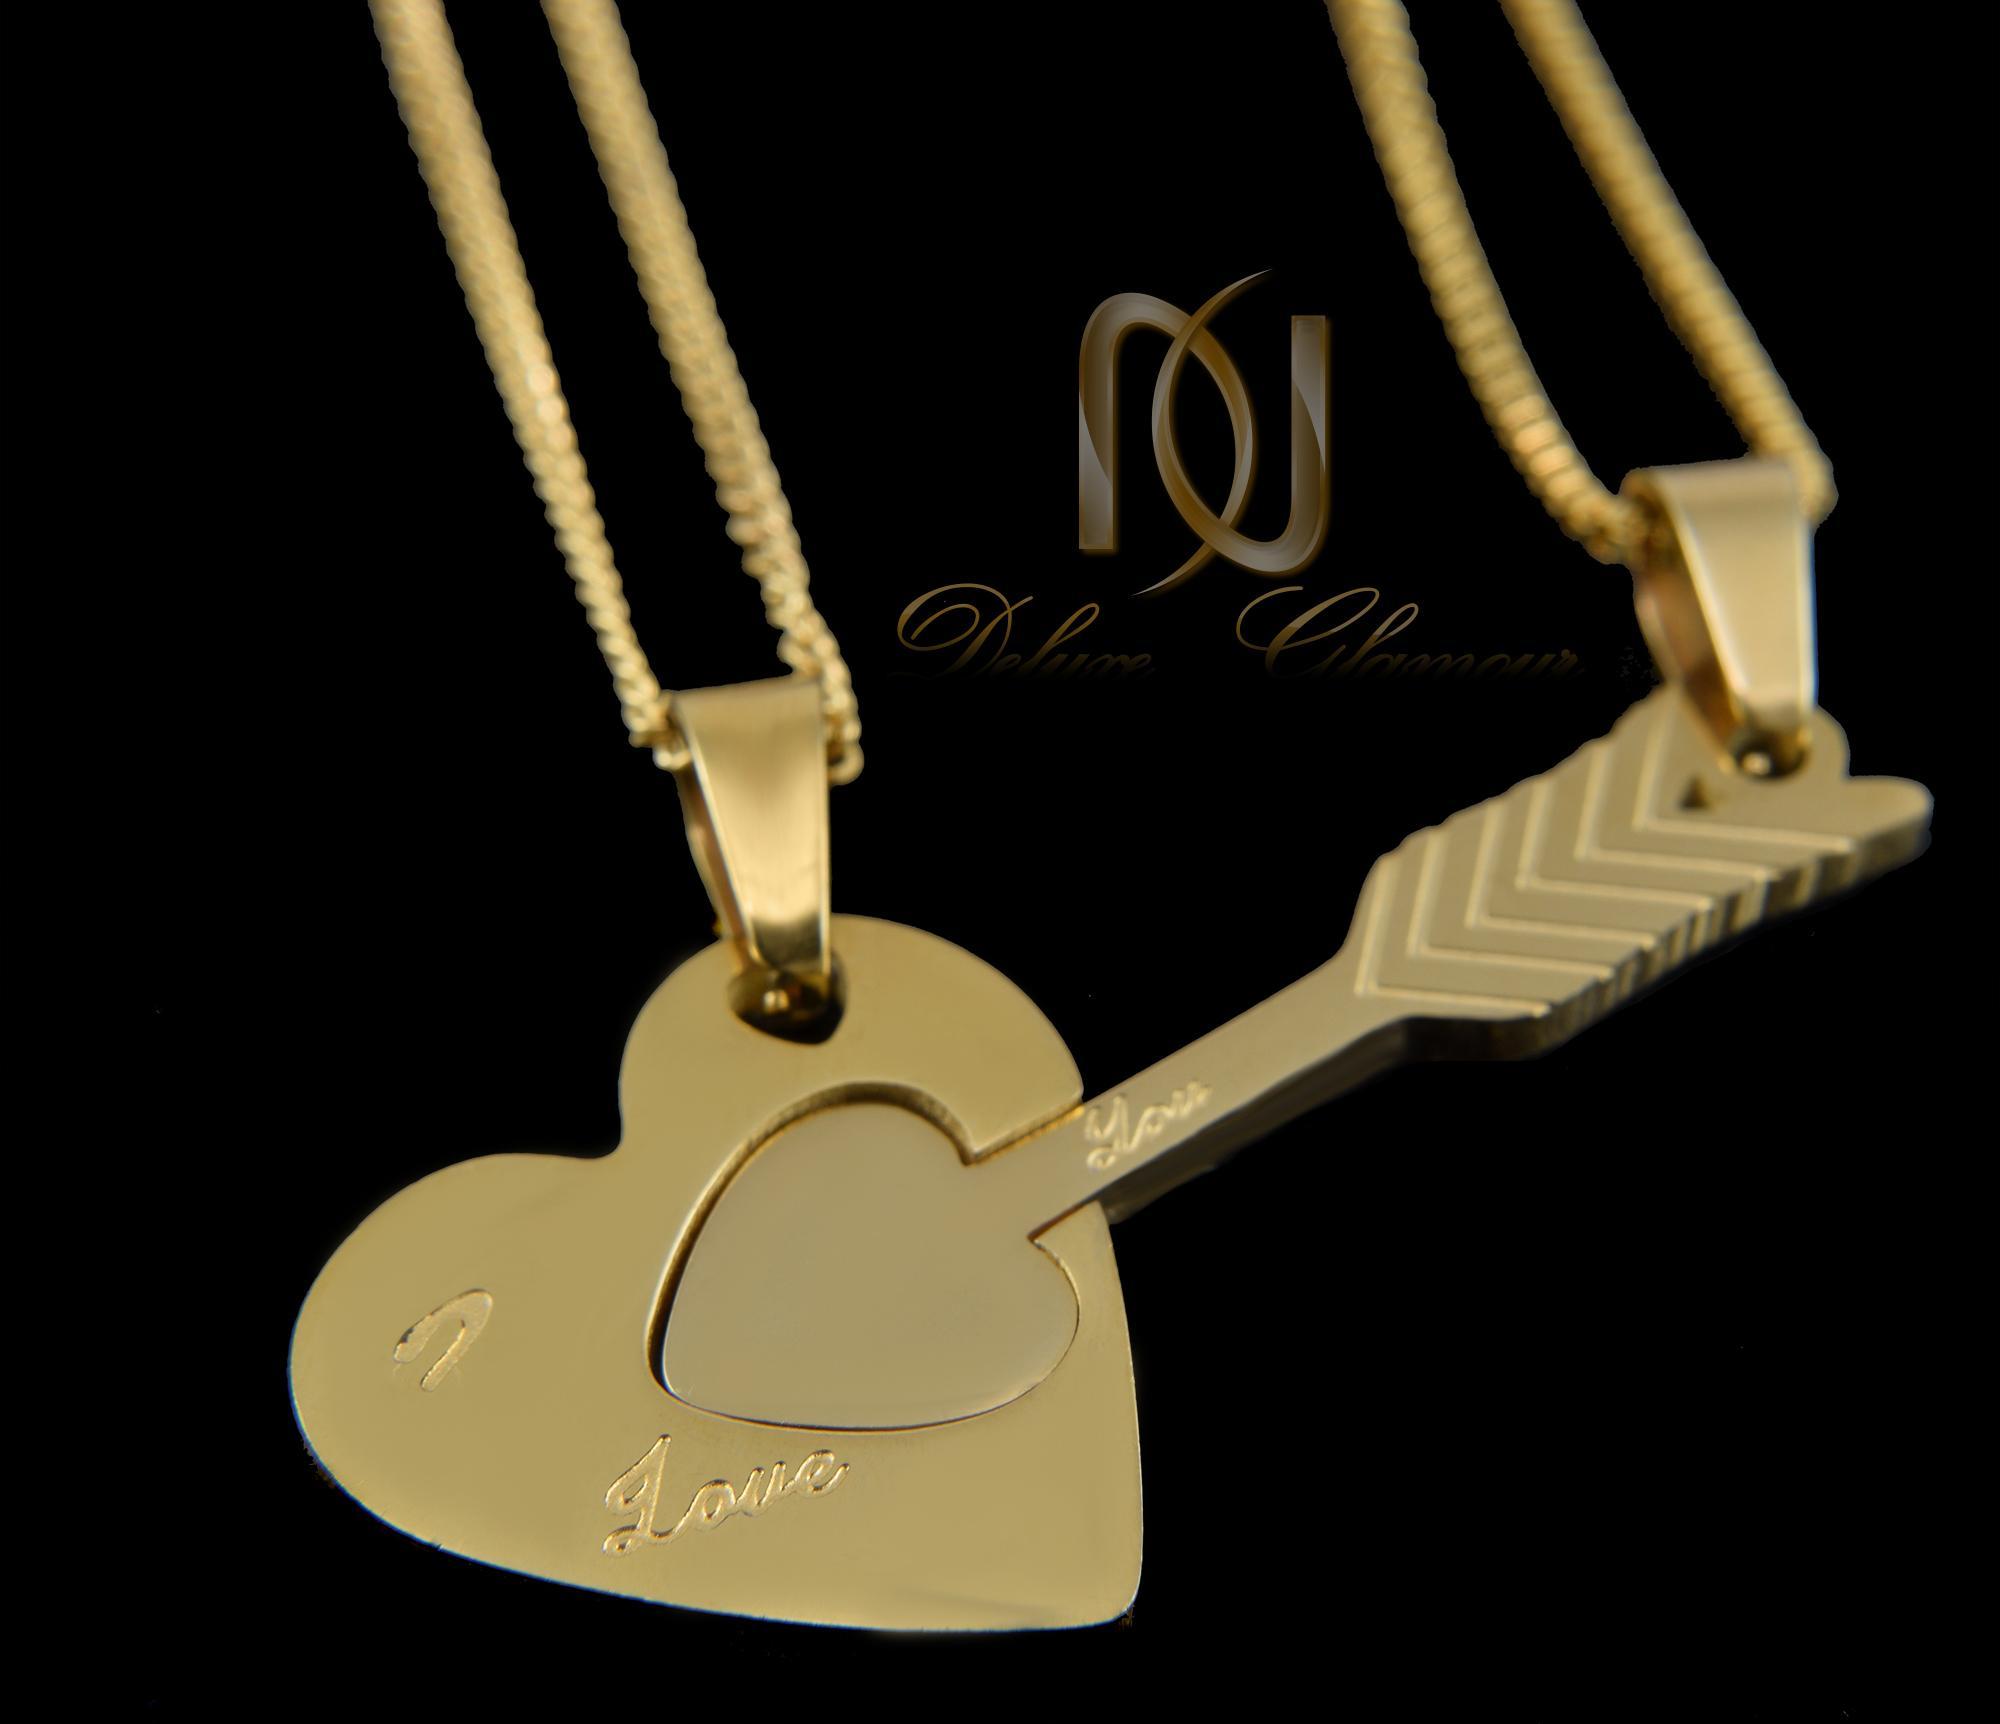 گردنبند ست عاشقانه قلب و تیر mf-n116 از نمای مشکی